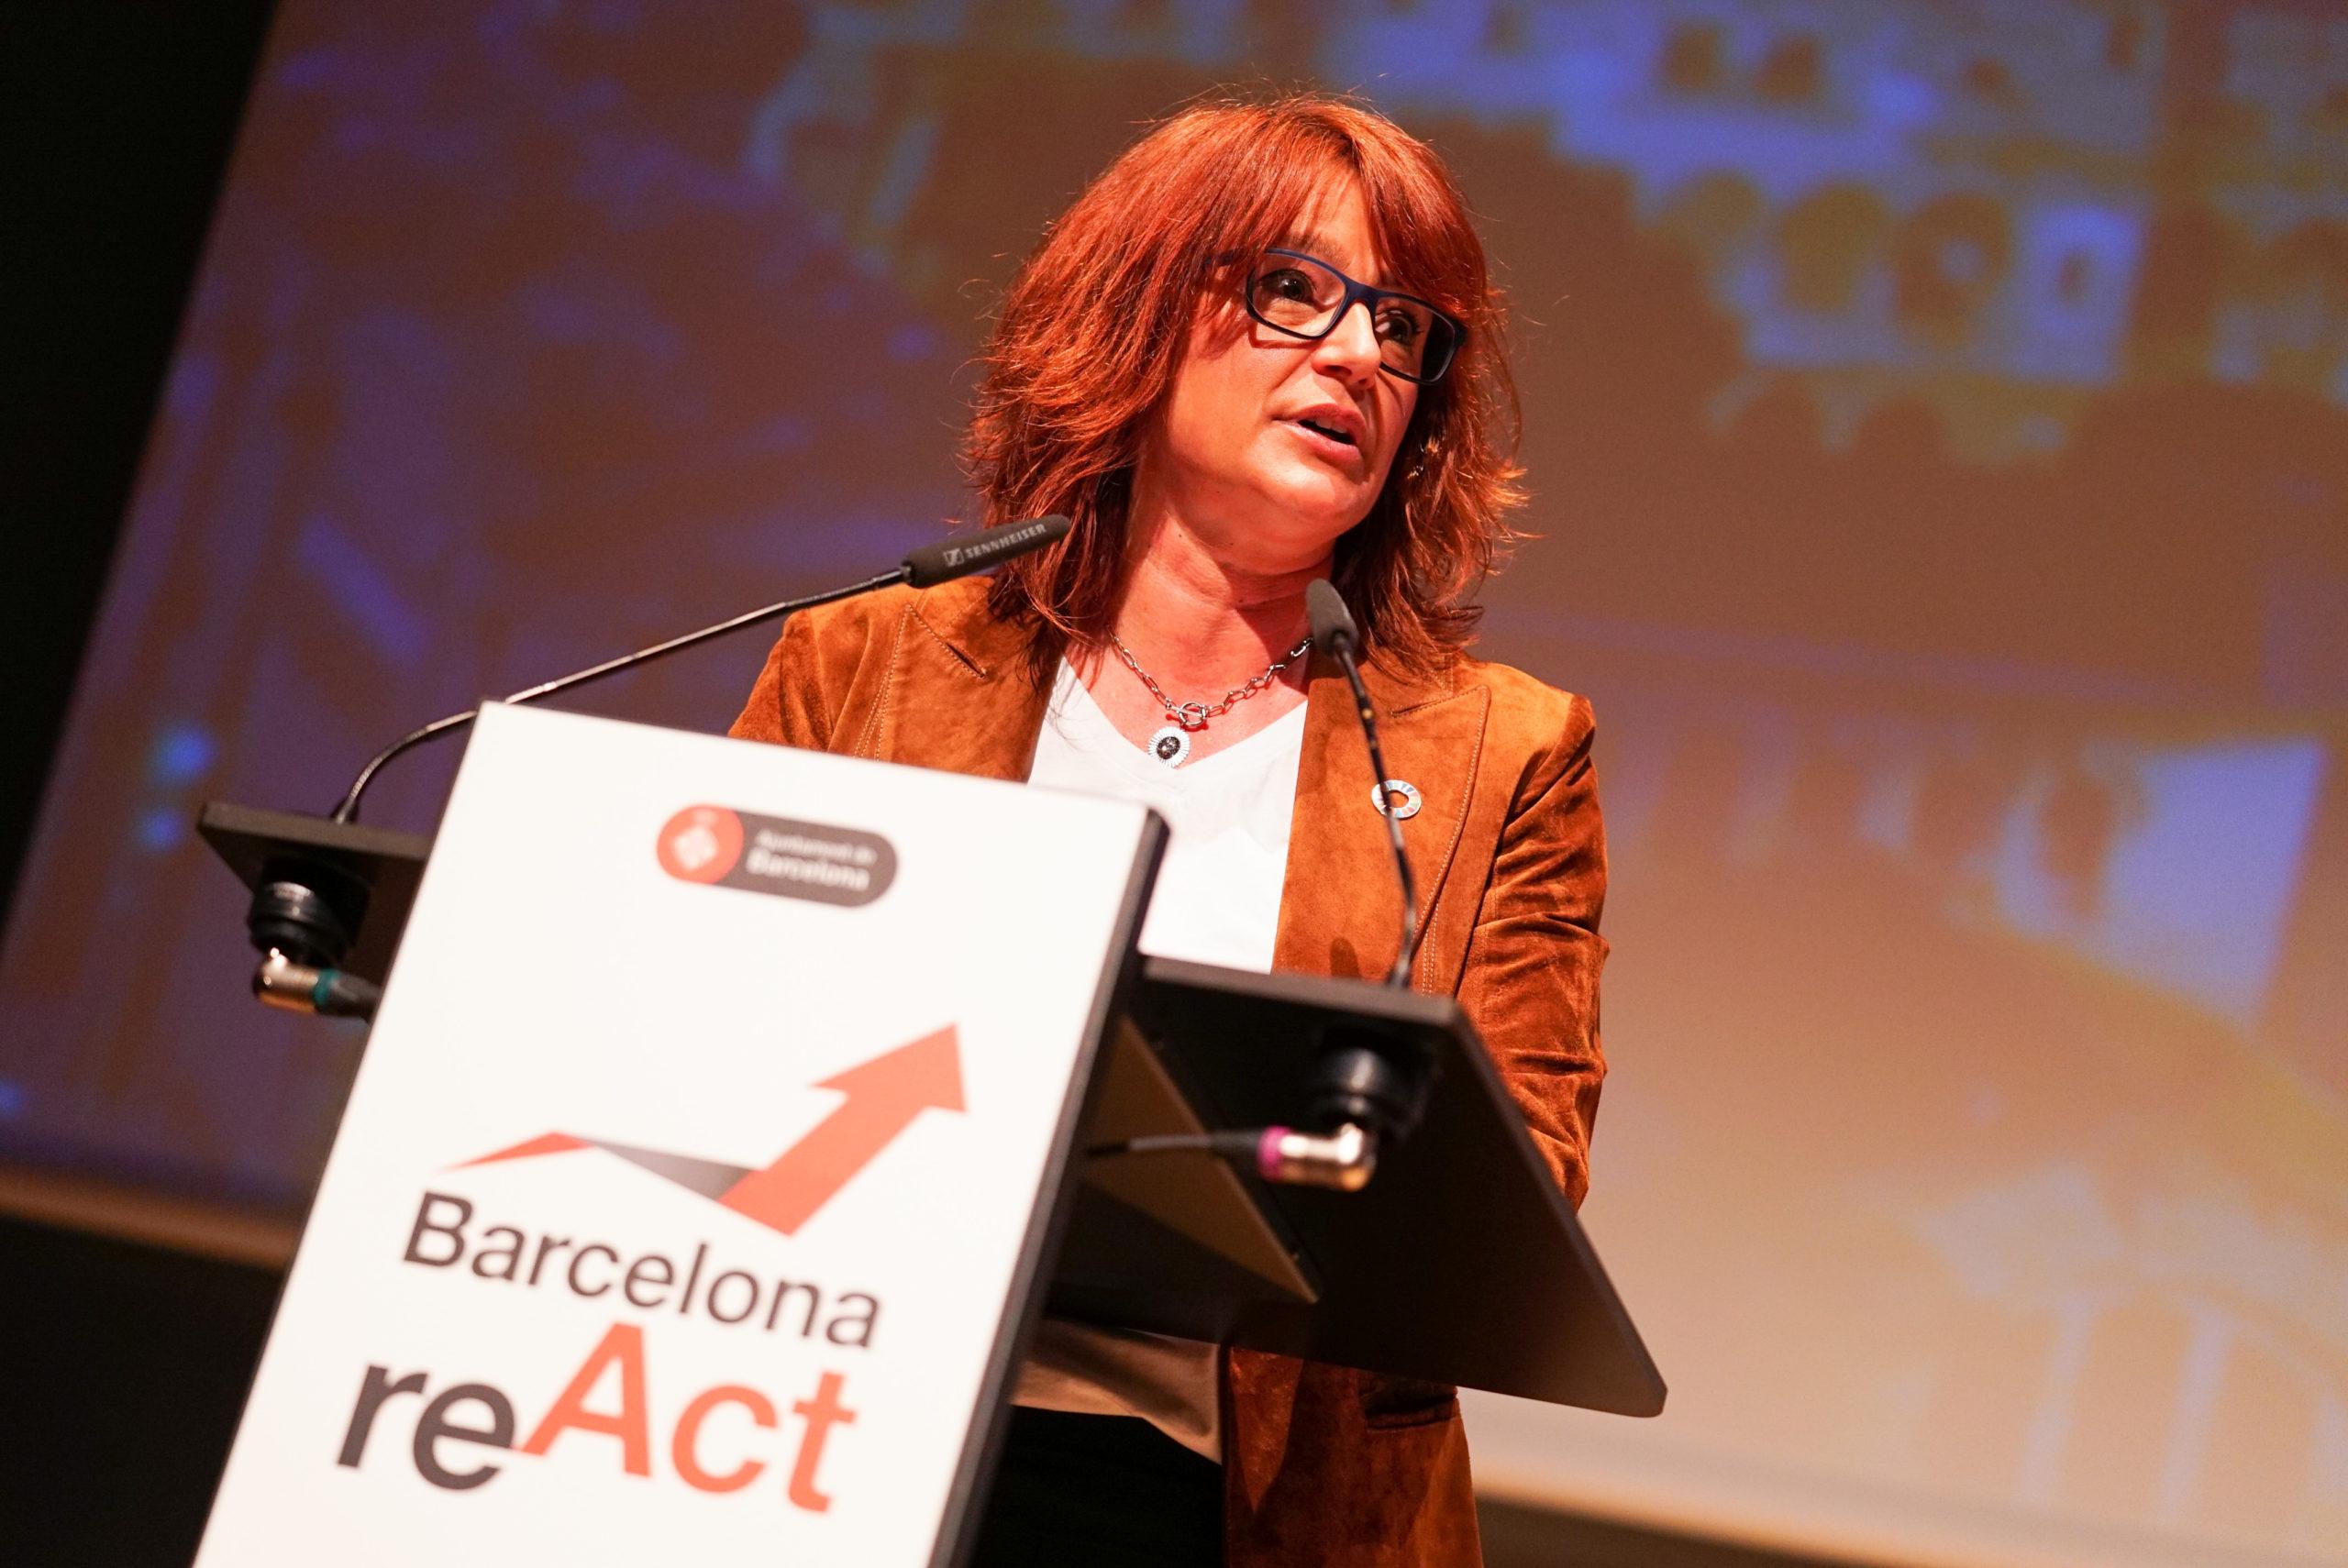 Nace la plataforma Barcelona Innovation Coast para potenciar la economía del litoral de la ciudad